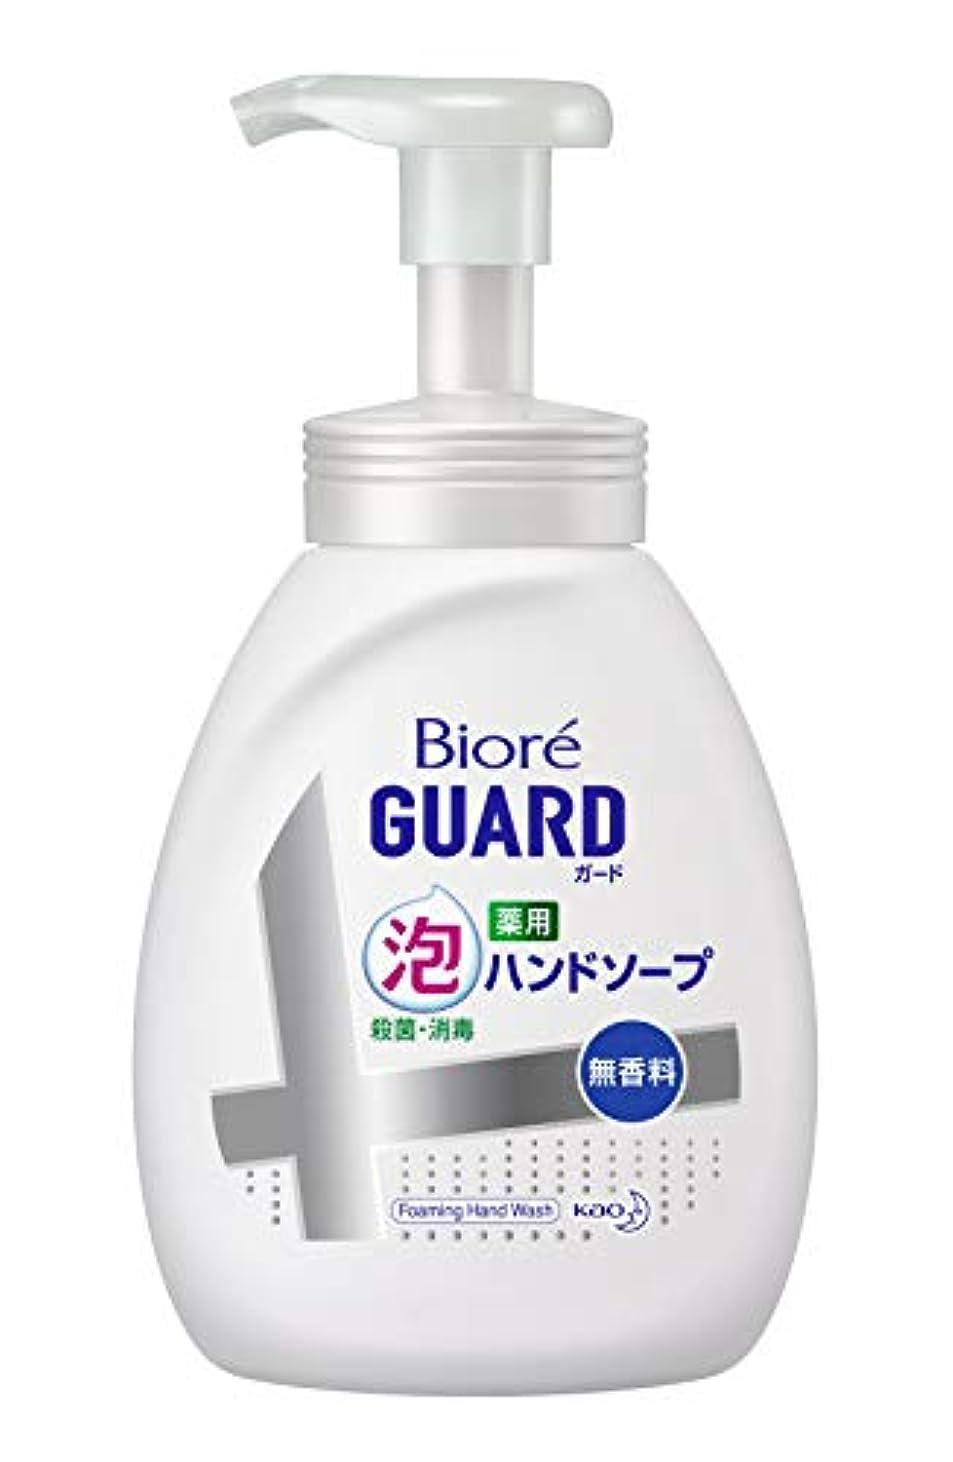 ホステルカセット考えた【大容量】 ビオレガード薬用泡ハンドソープ 無香料 ポンプ 500ml